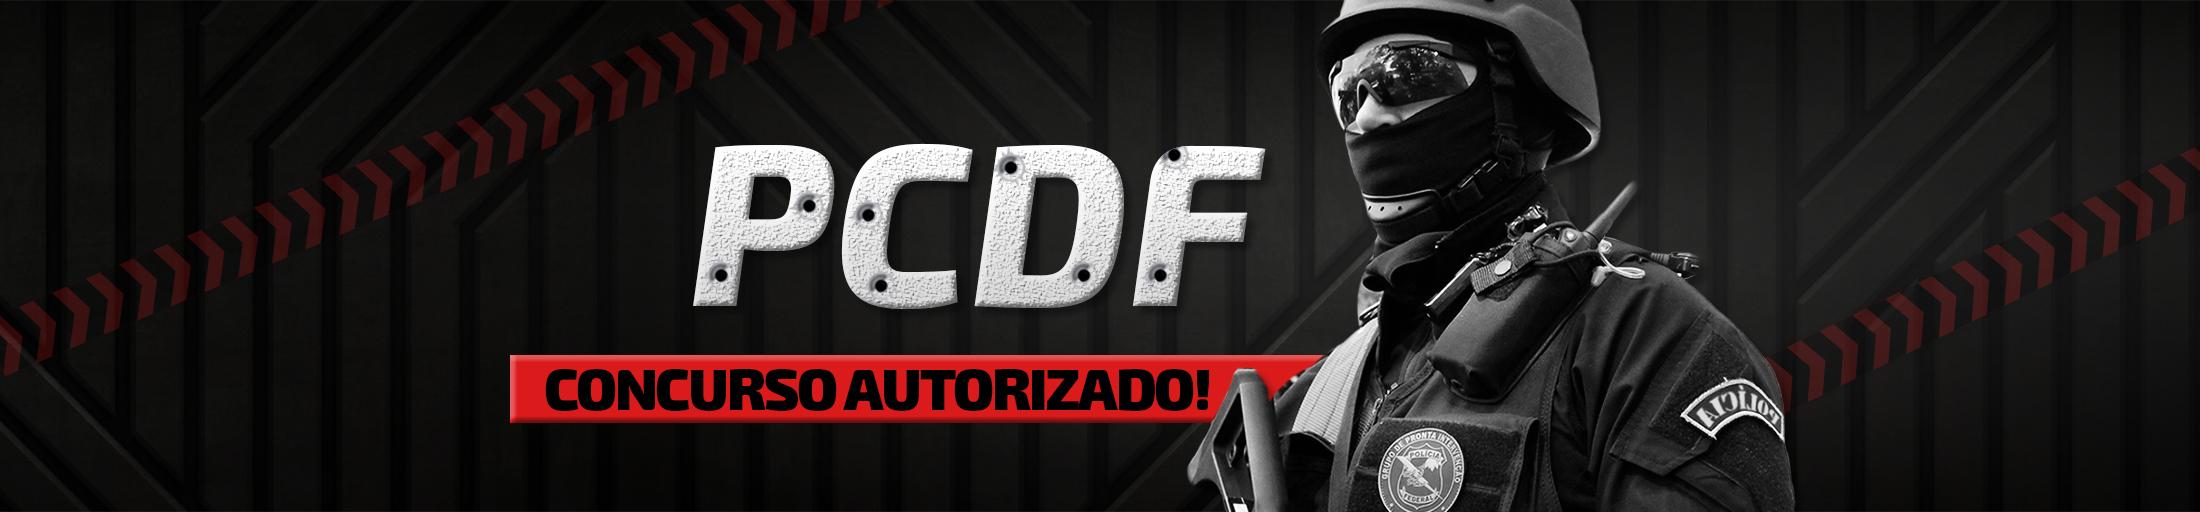 SITE-PCDF-CONCURSO-AUTORIZADO